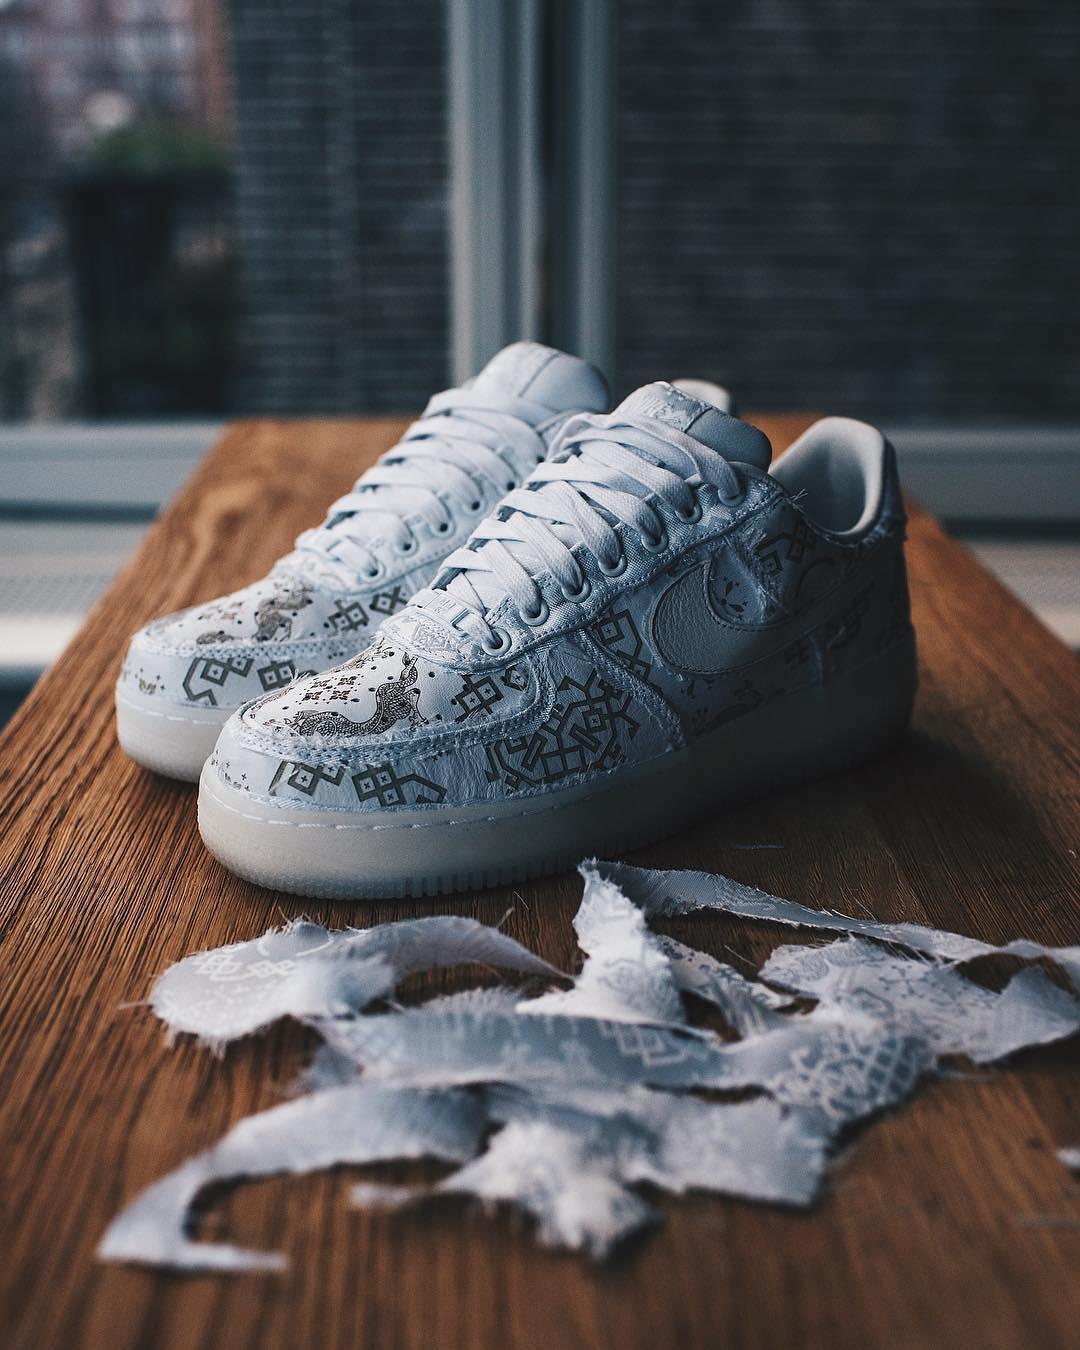 AJ1,Nike  一年价格至少涨一倍!这 26 双球鞋只是「乱冲文化」的冰山一角